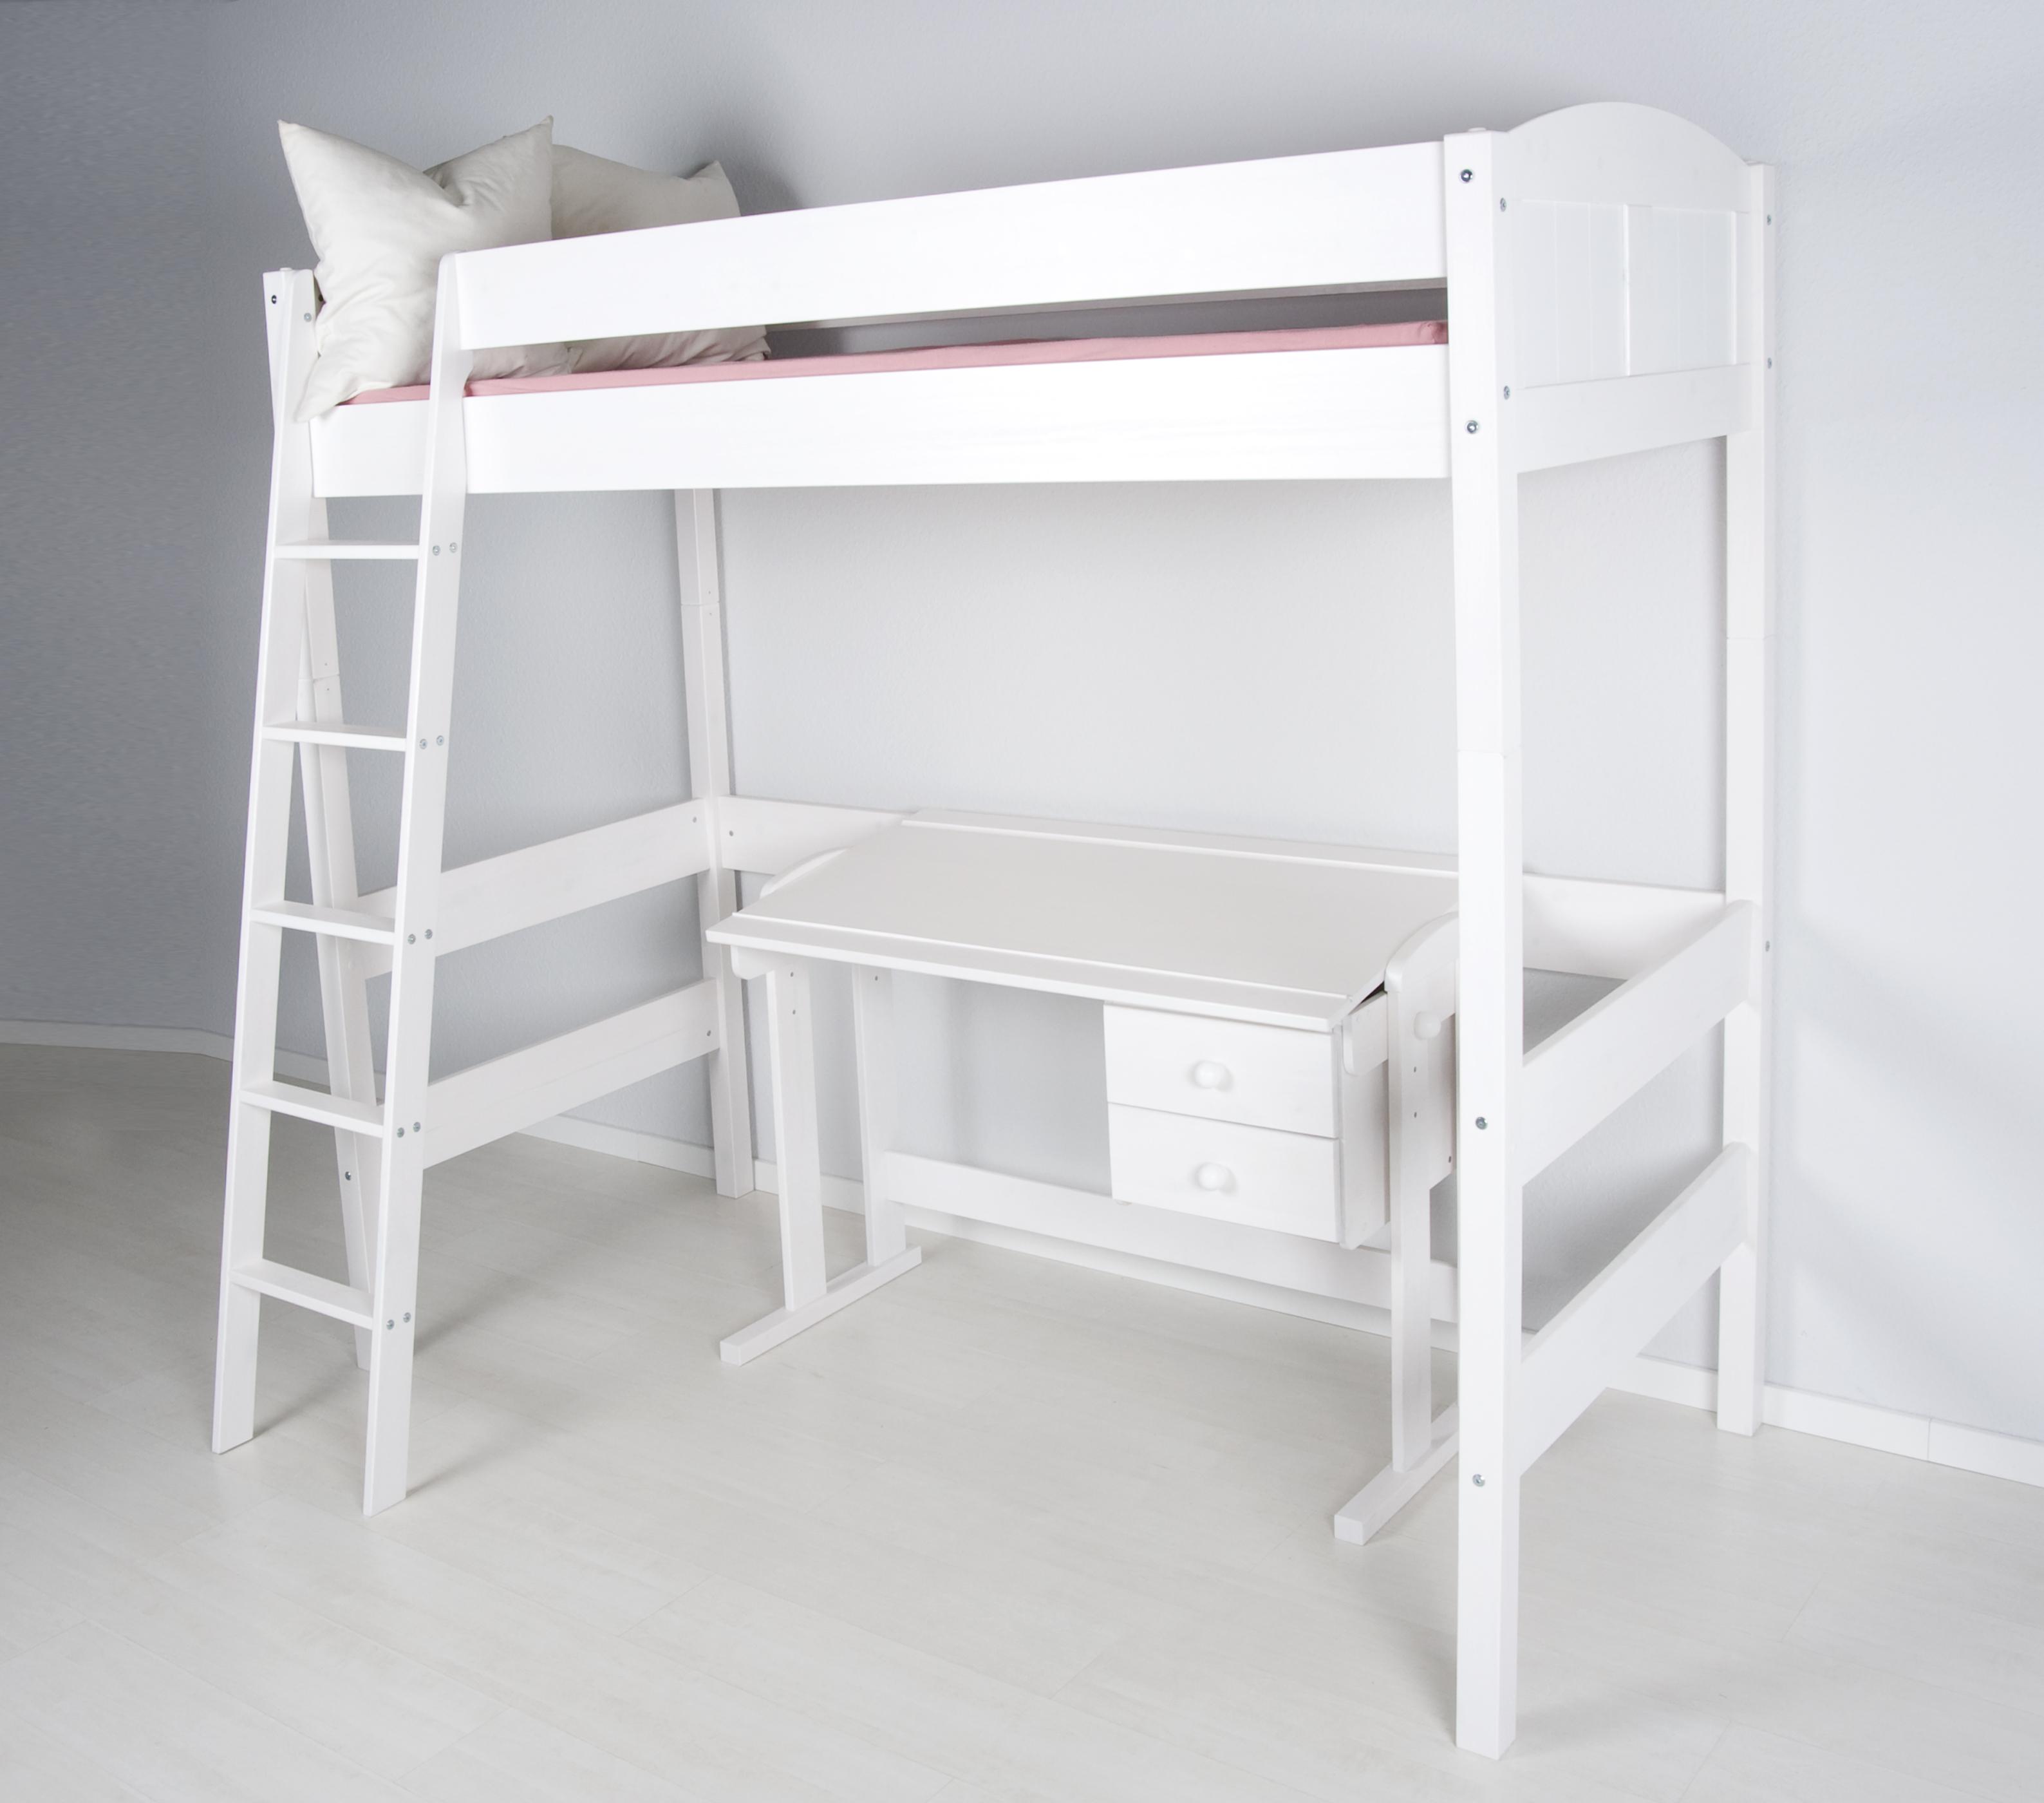 spielbett hochbett kinderbett ida weiss extra hoch 180 cm. Black Bedroom Furniture Sets. Home Design Ideas